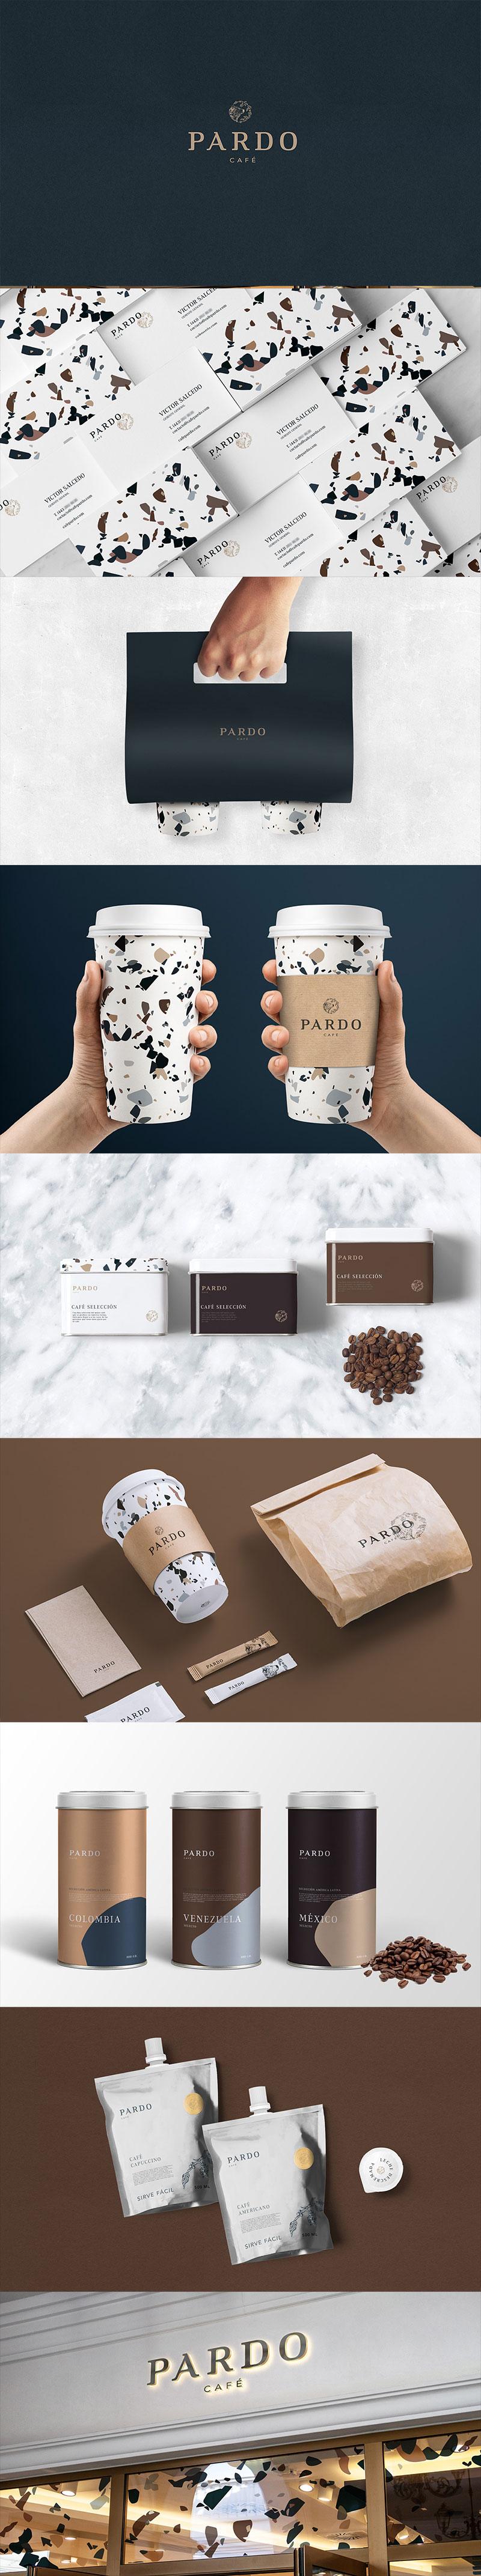 PARDO cafe by Salvador Munca